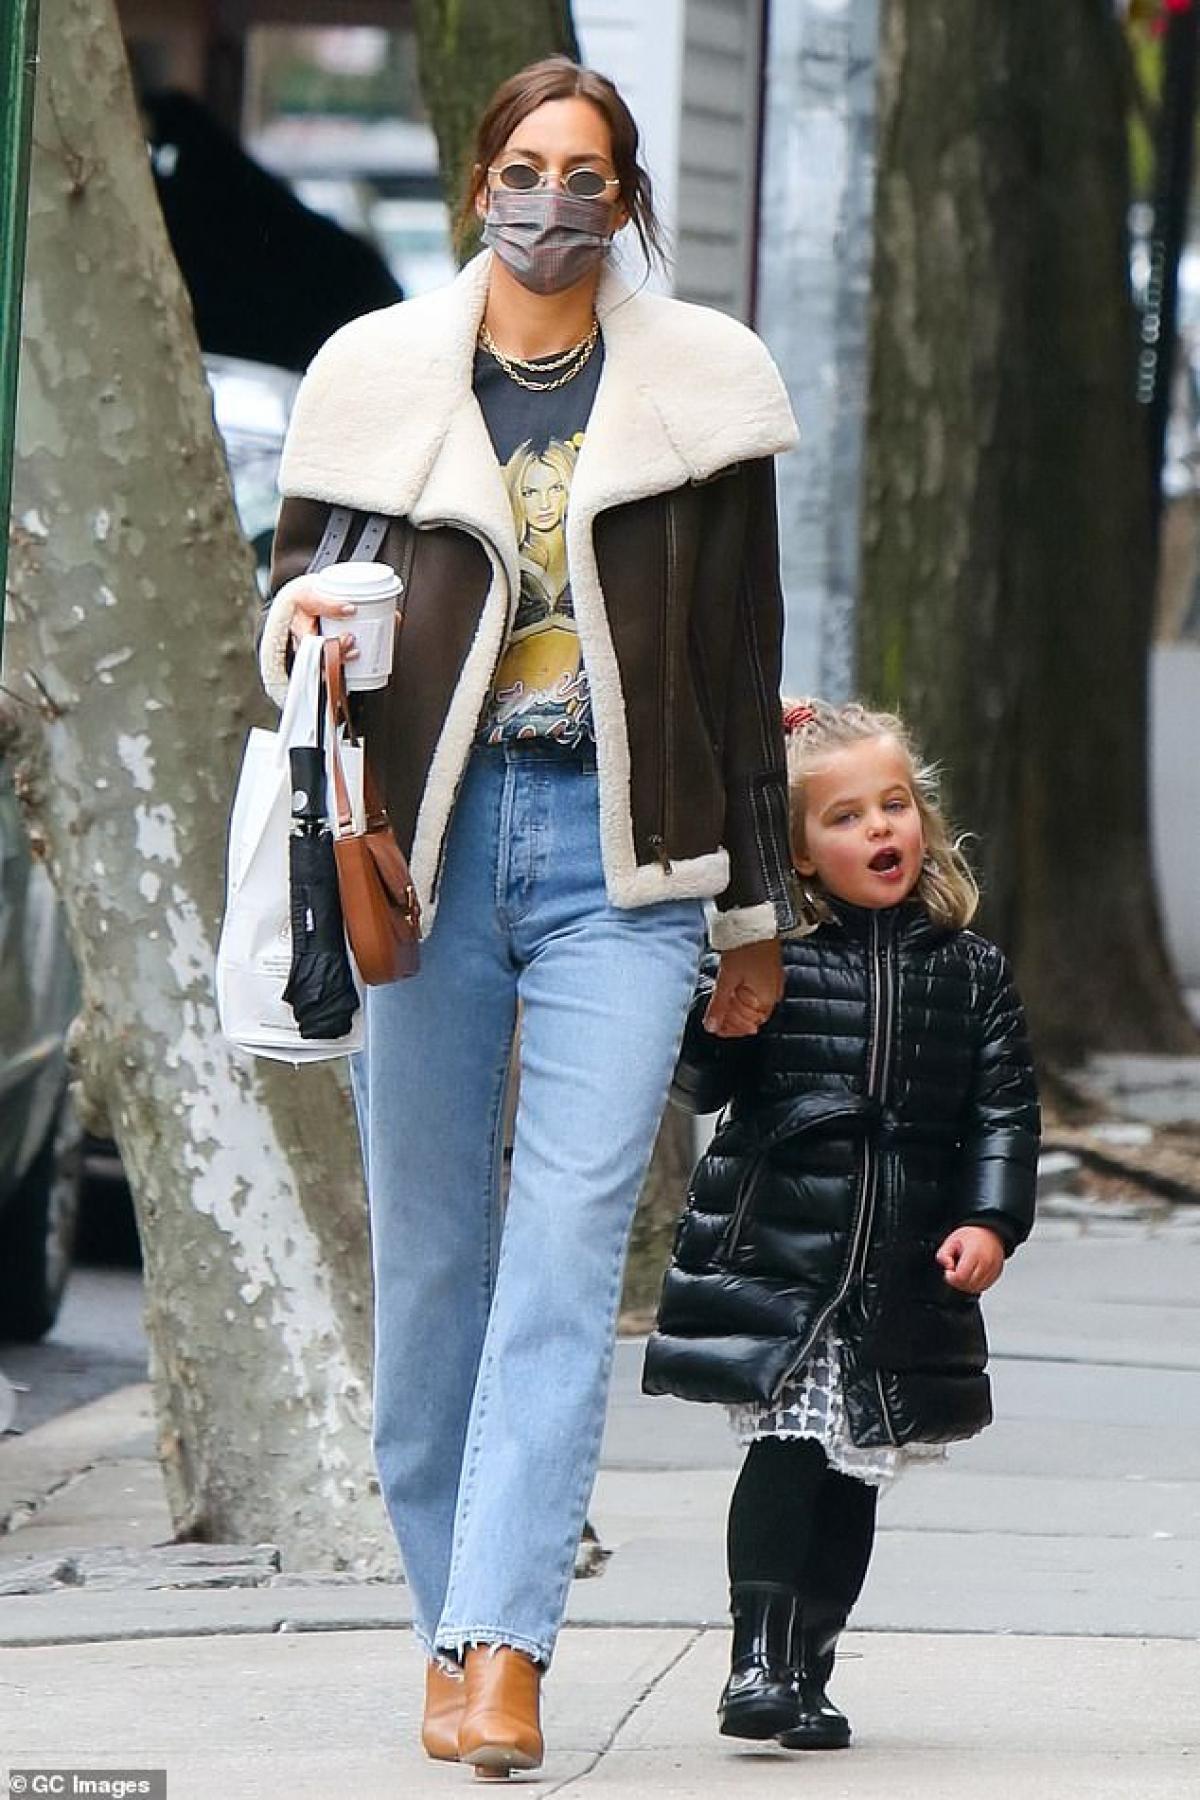 Irina Shayk diện áo phông in hình Britney Spears đi chơi cùng con gái cưng Ảnh 1